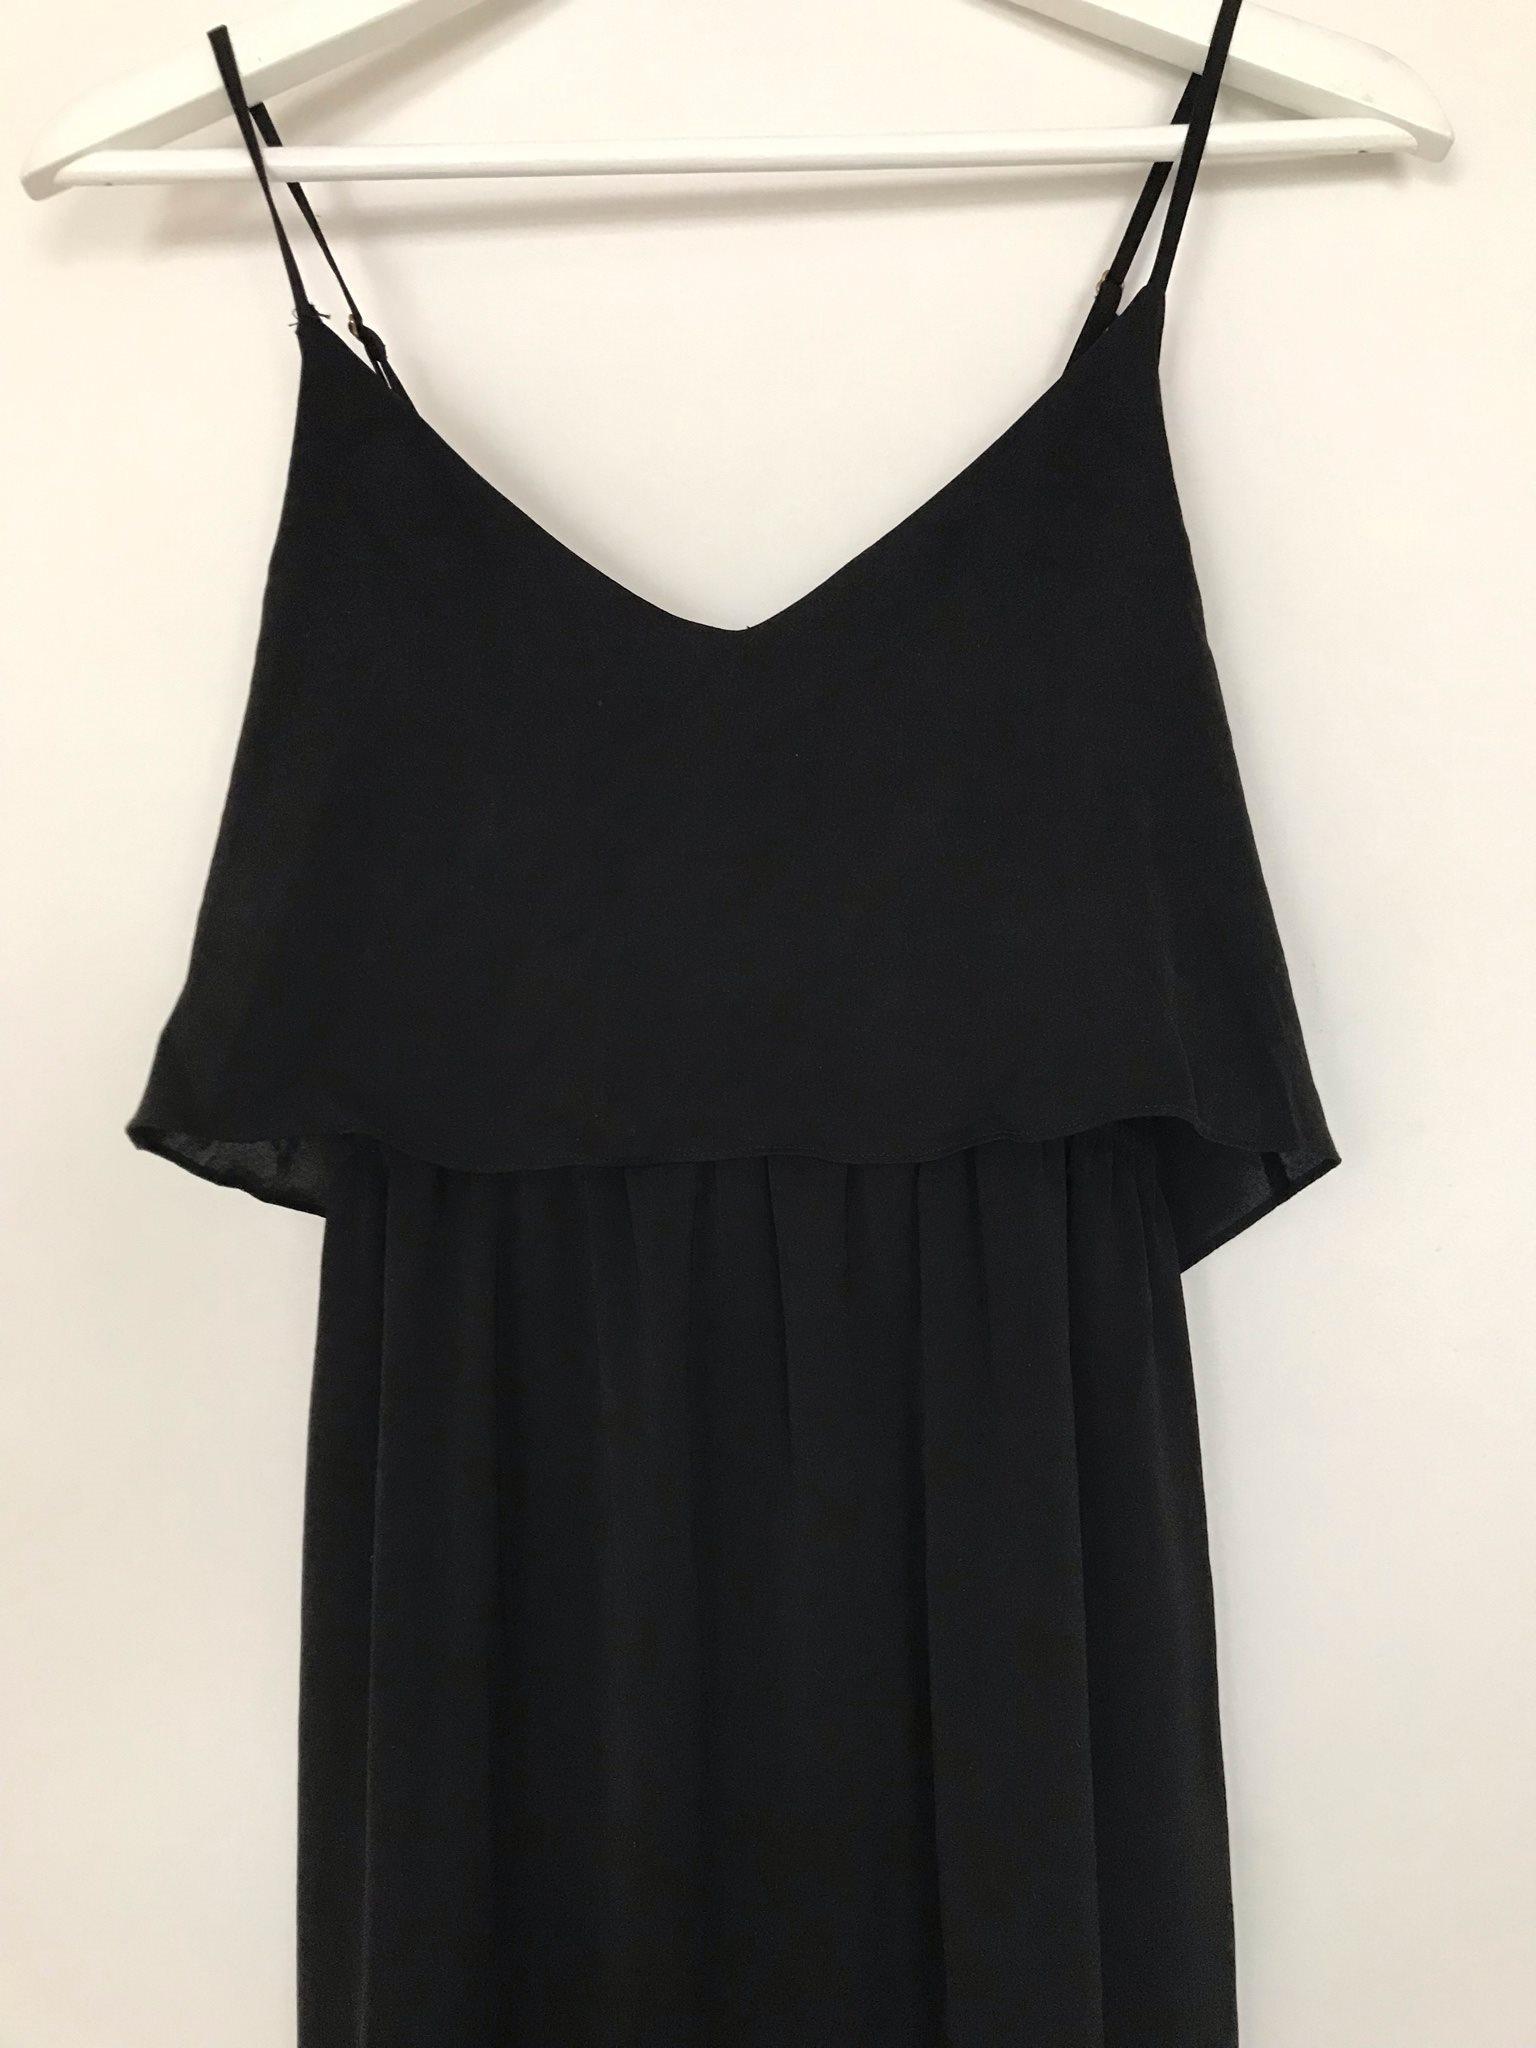 cc5d7f77ac32 Underbar MAMA klänning (338526101) ᐈ Köp på Tradera